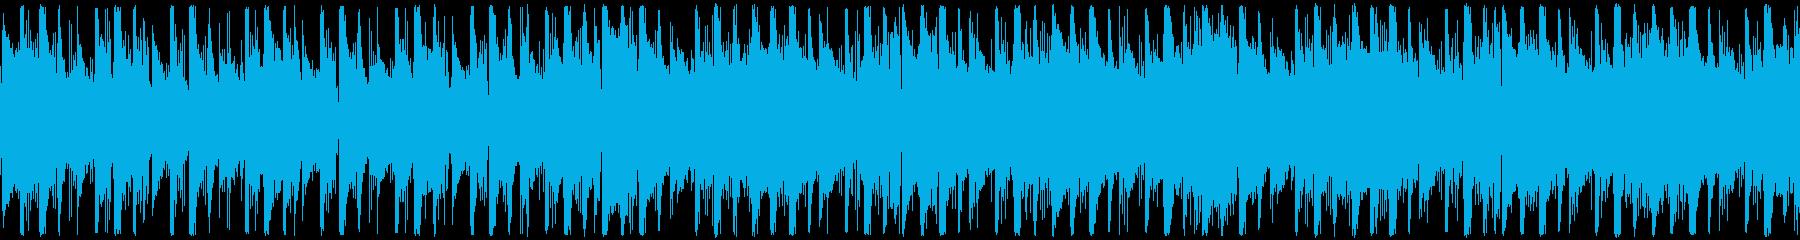 いくつかのシンセリフですぐに開始す...の再生済みの波形